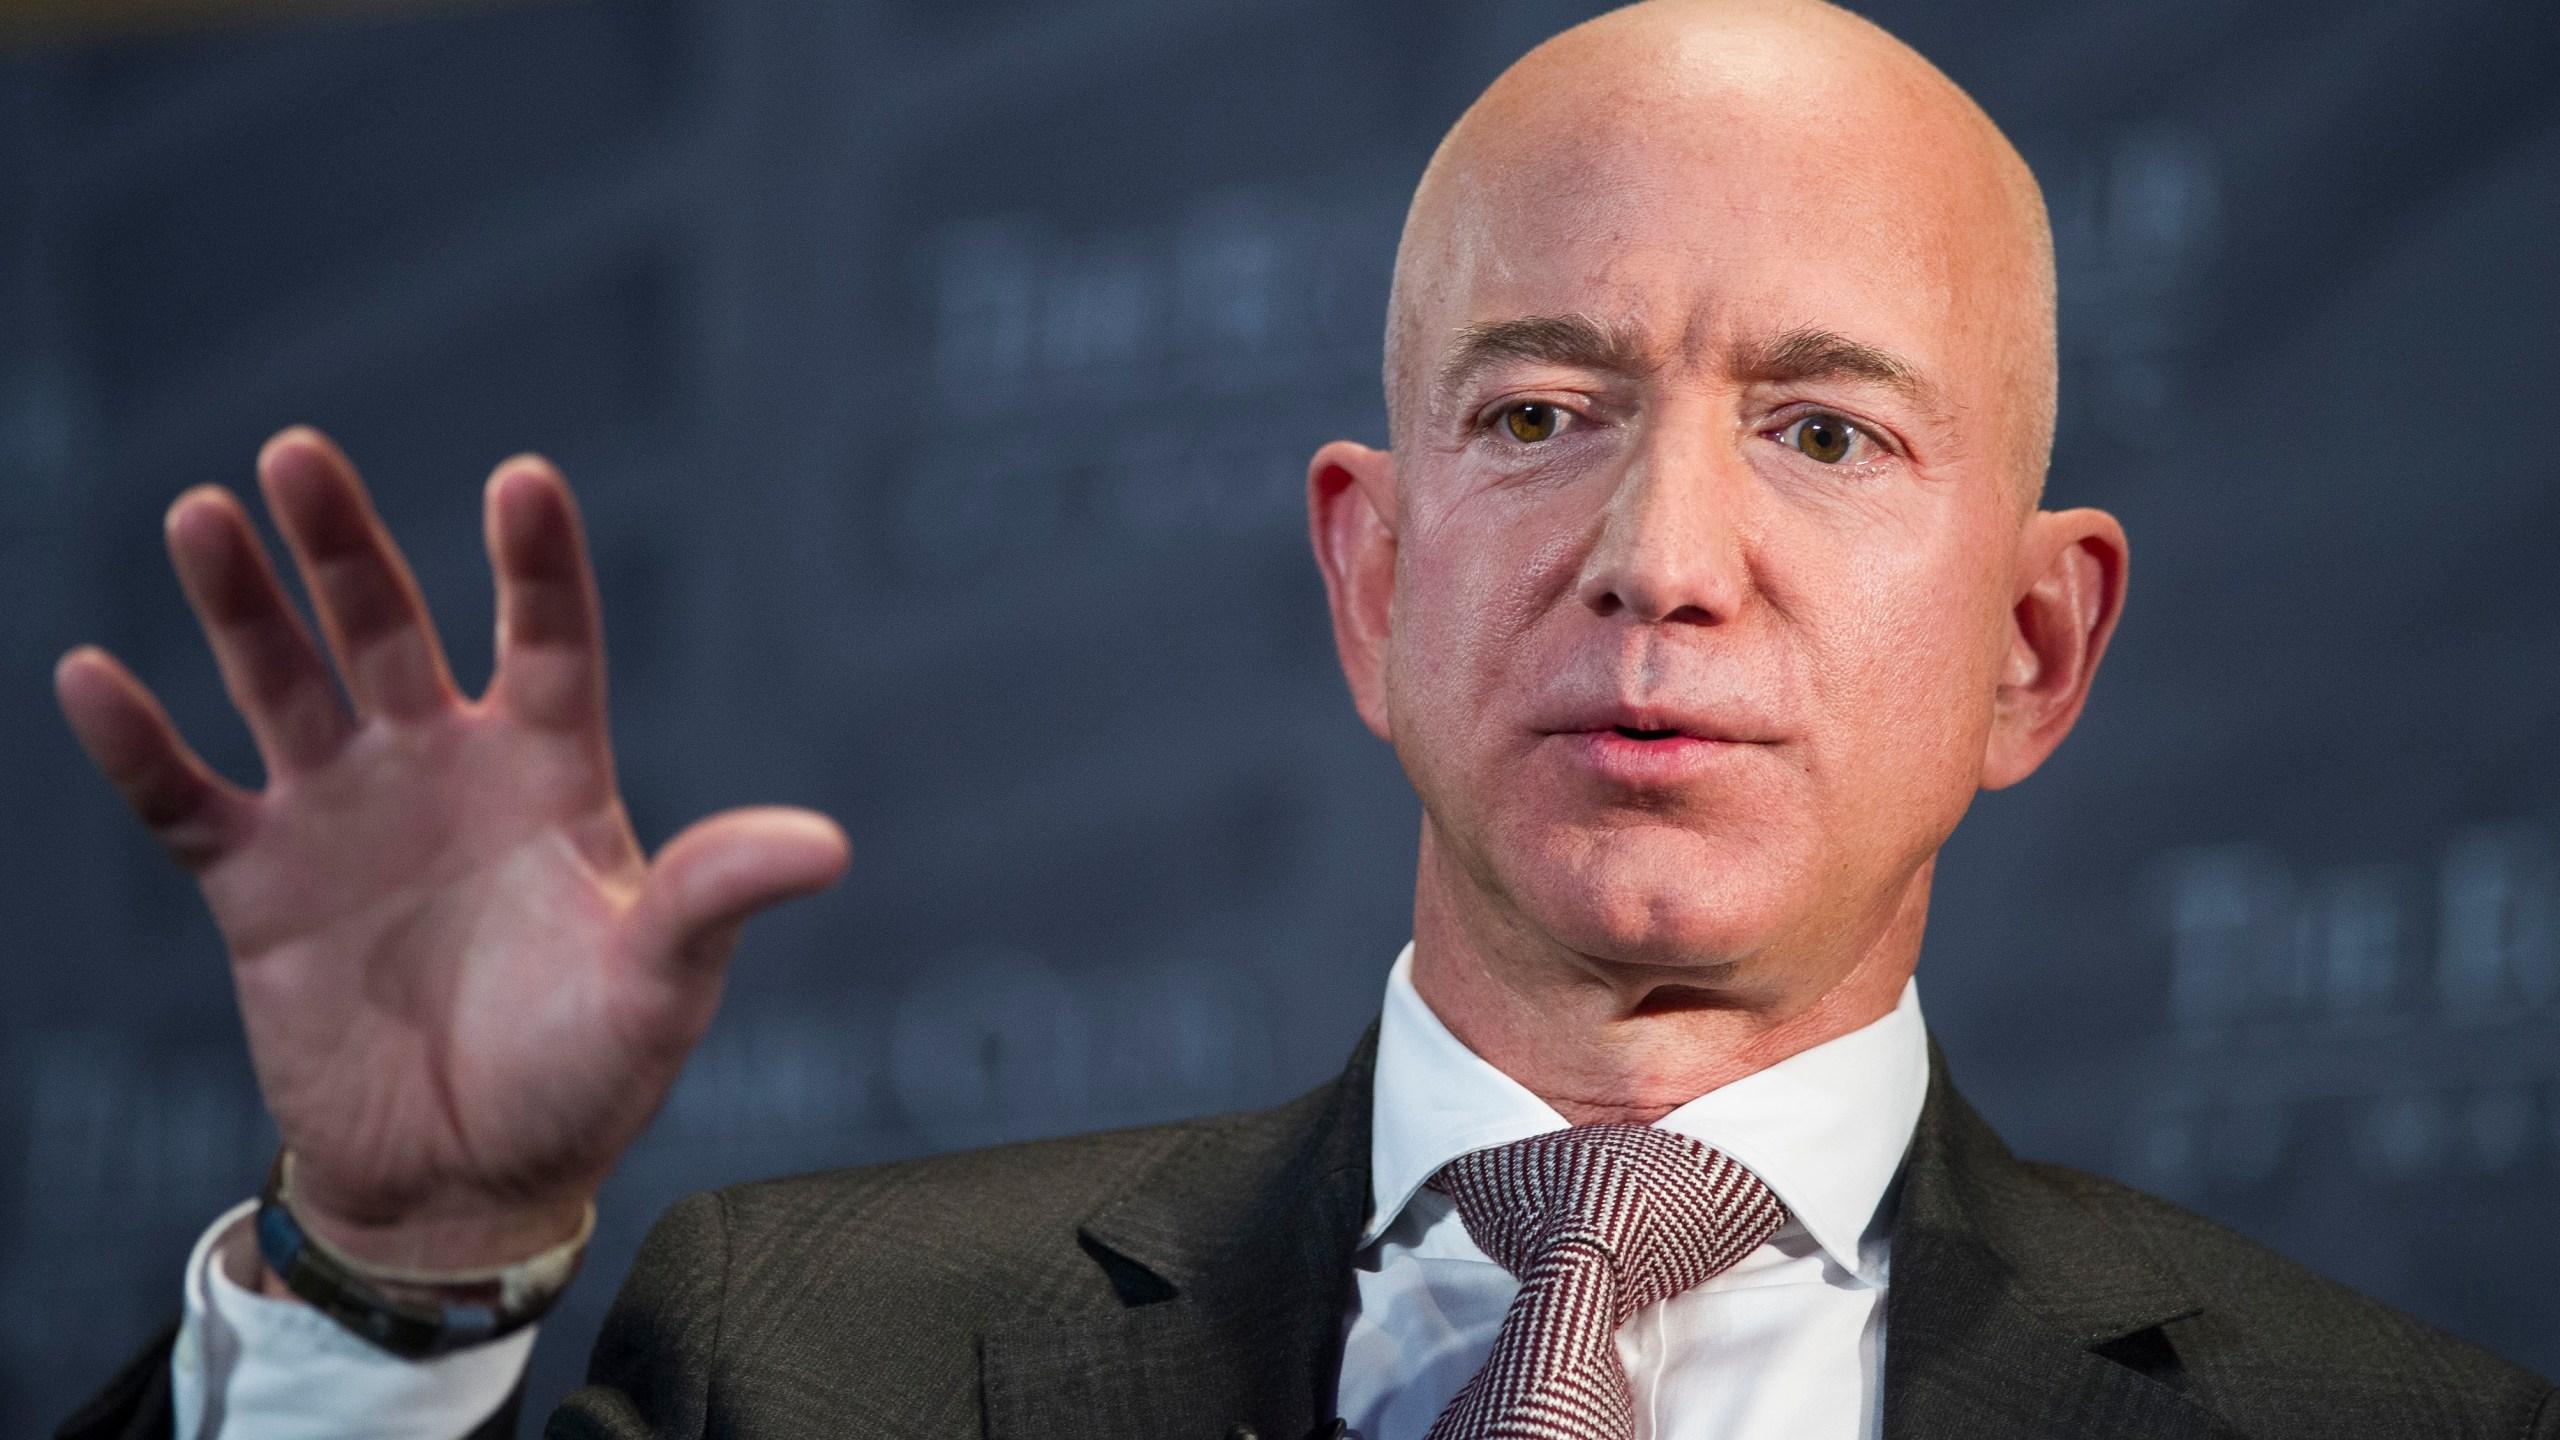 Jeff_Bezos_National_Enquirer_11015-159532.jpg59535698